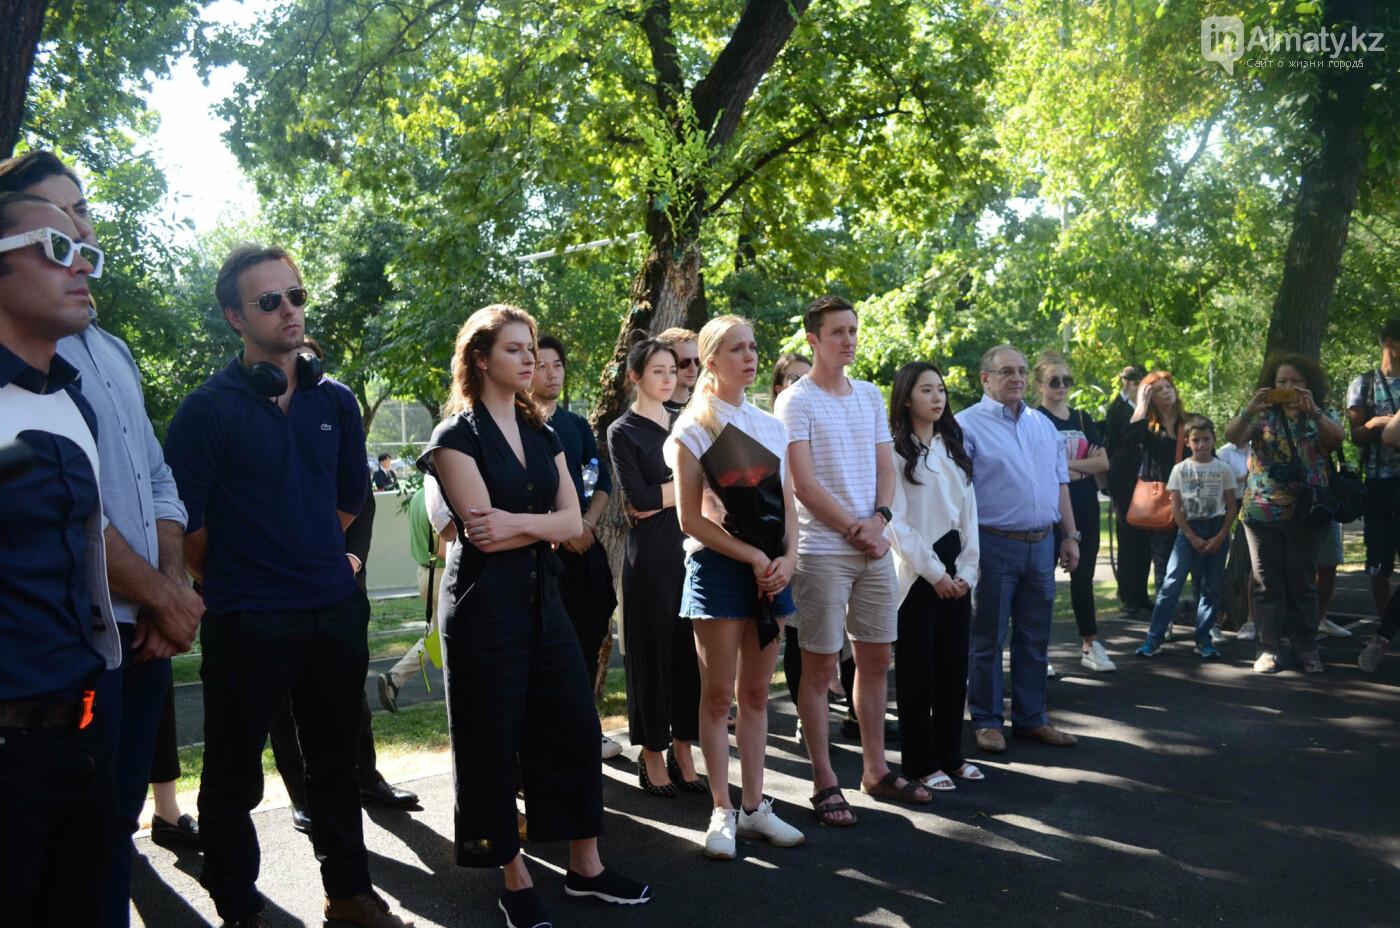 Родственники Дениса Тена и звезды фигурного катания почтили память фигуриста в Алматы, фото-8